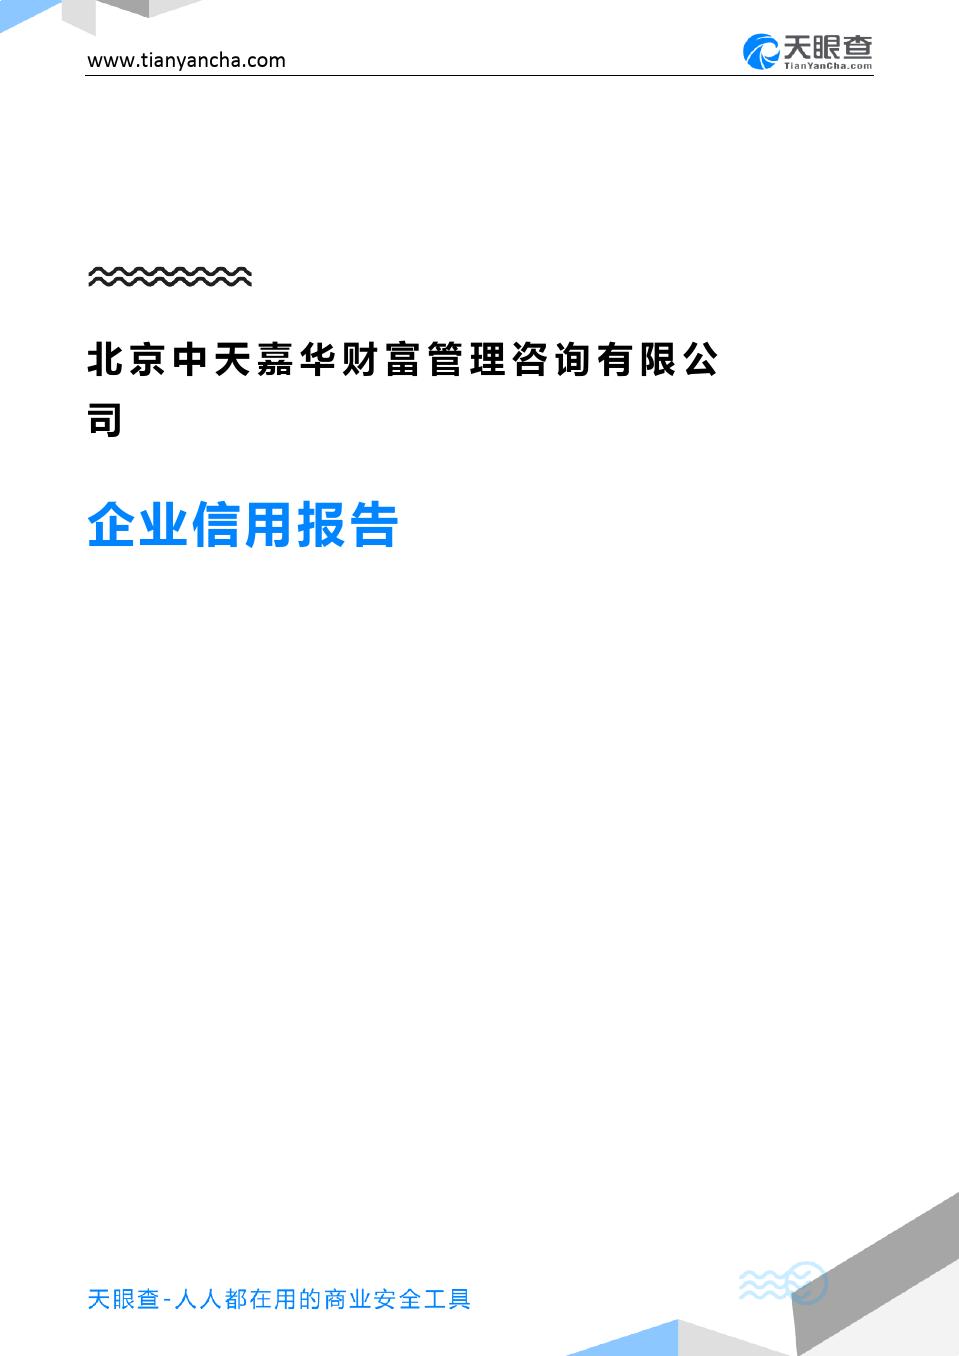 北京中天嘉华财富管理咨询有限公司(企业信用报告)- 天眼查